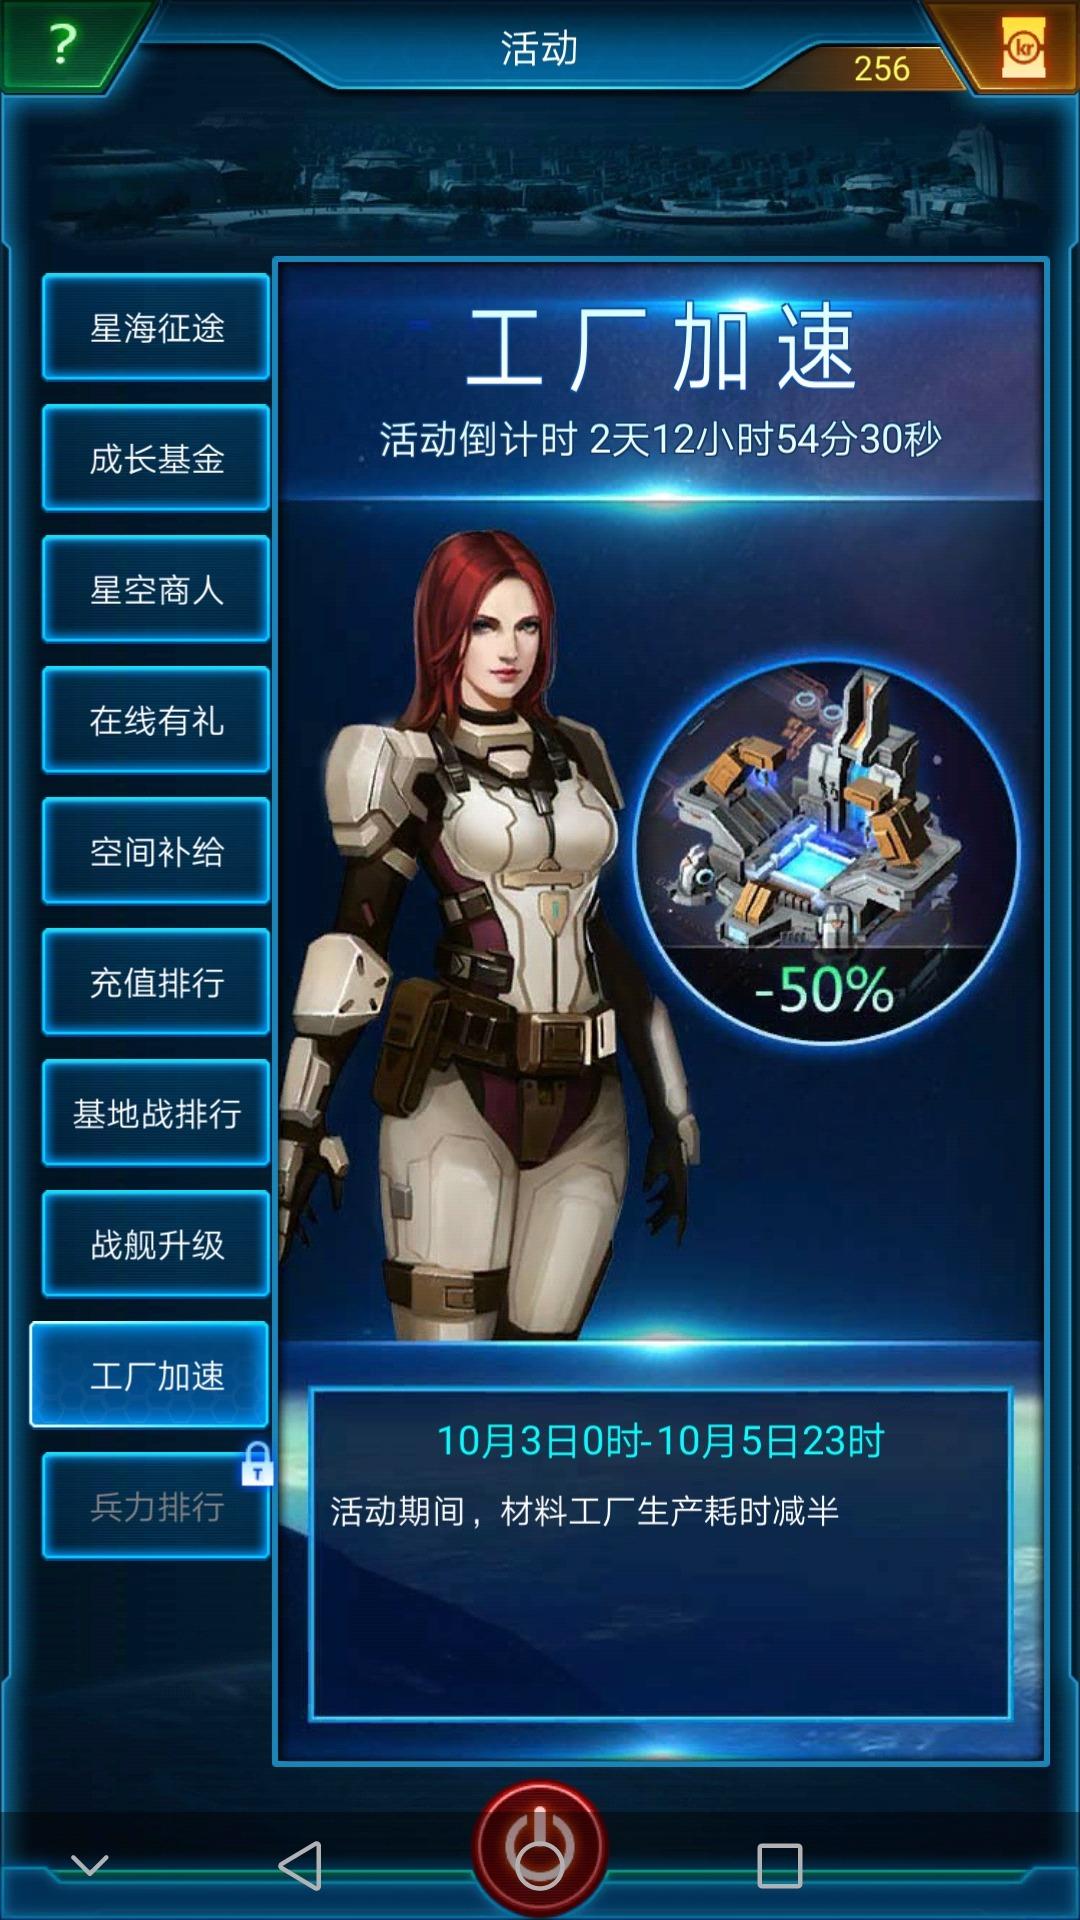 Screenshot_20181003-110430.jpg